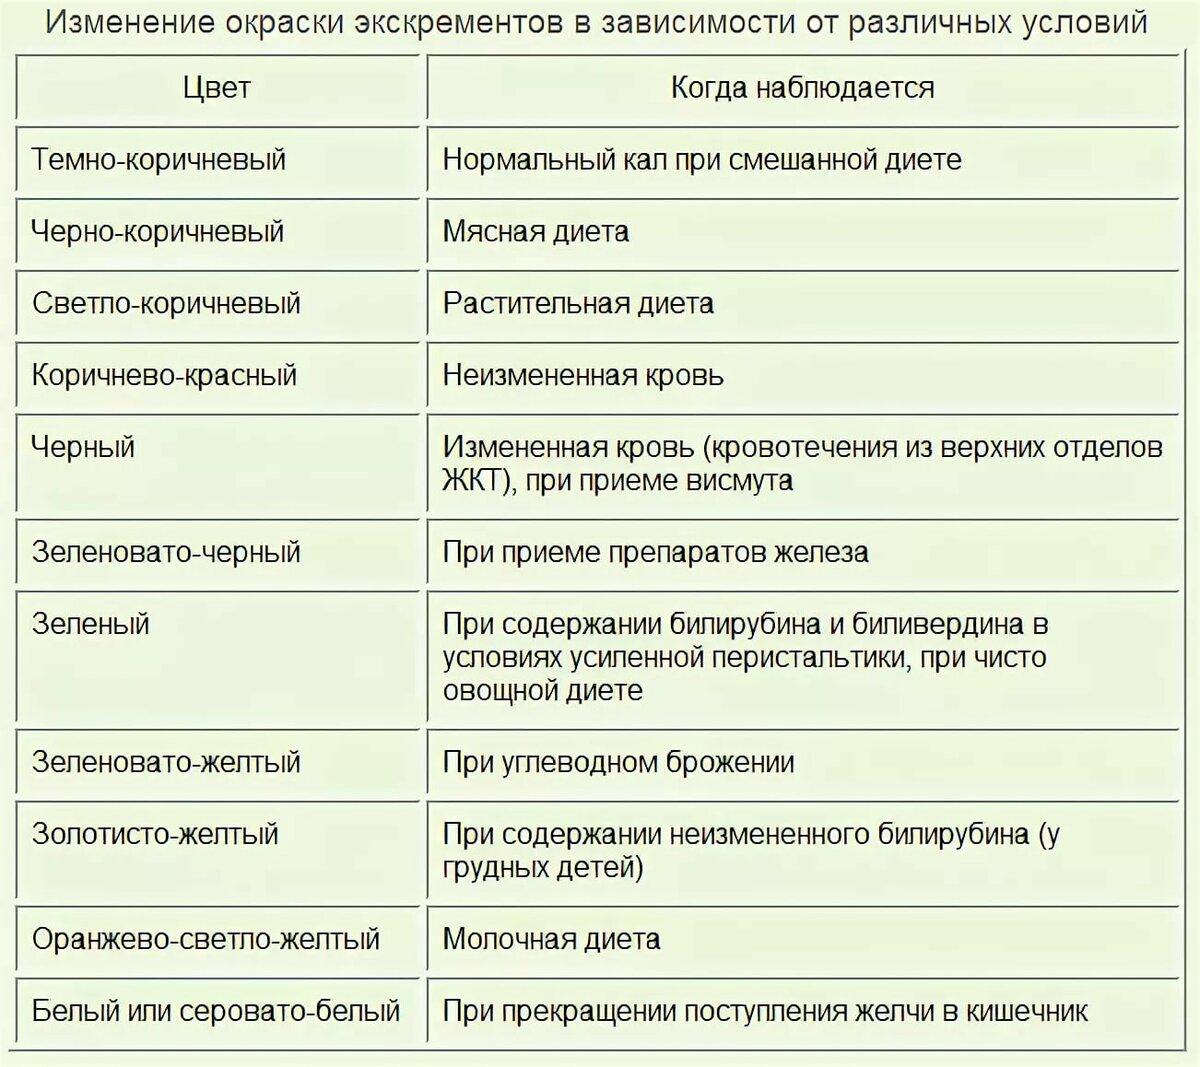 Цвет кала и причины